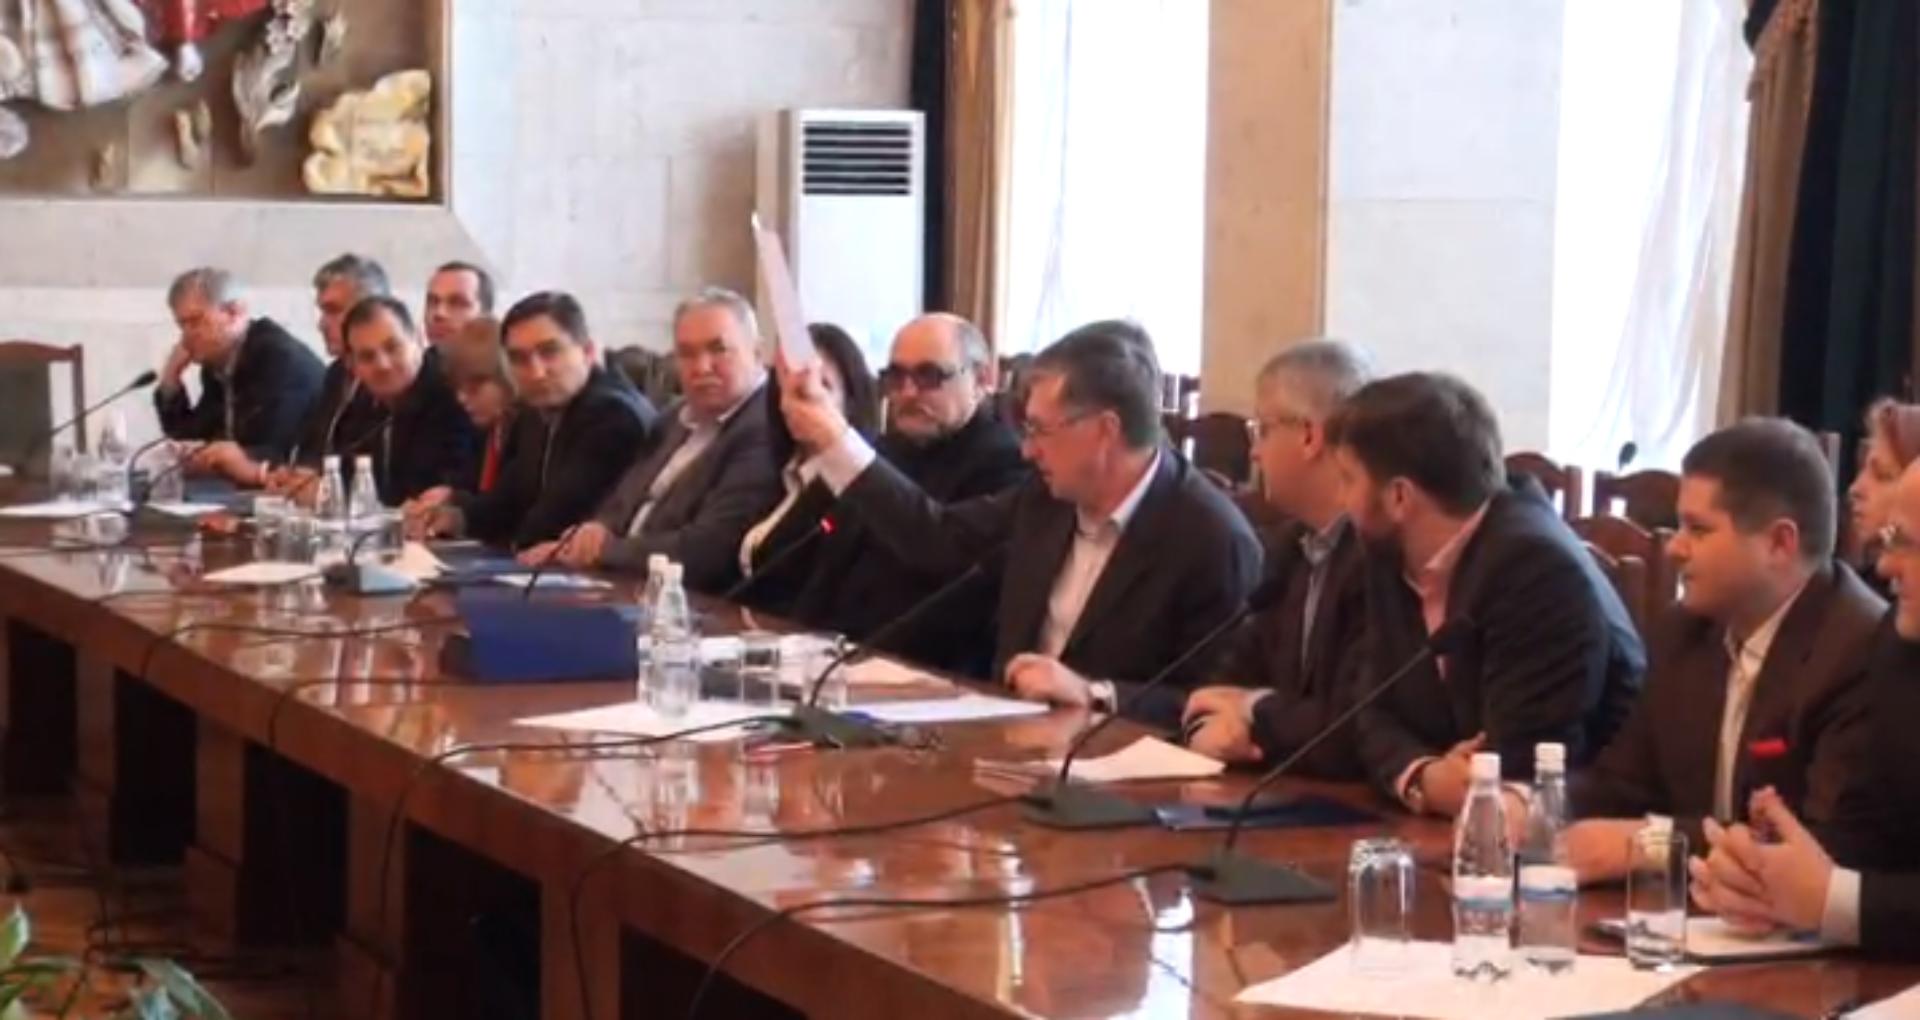 (VIDEO) Ion Sturza și miniștrii din lista sa au semnat declarația de integritate